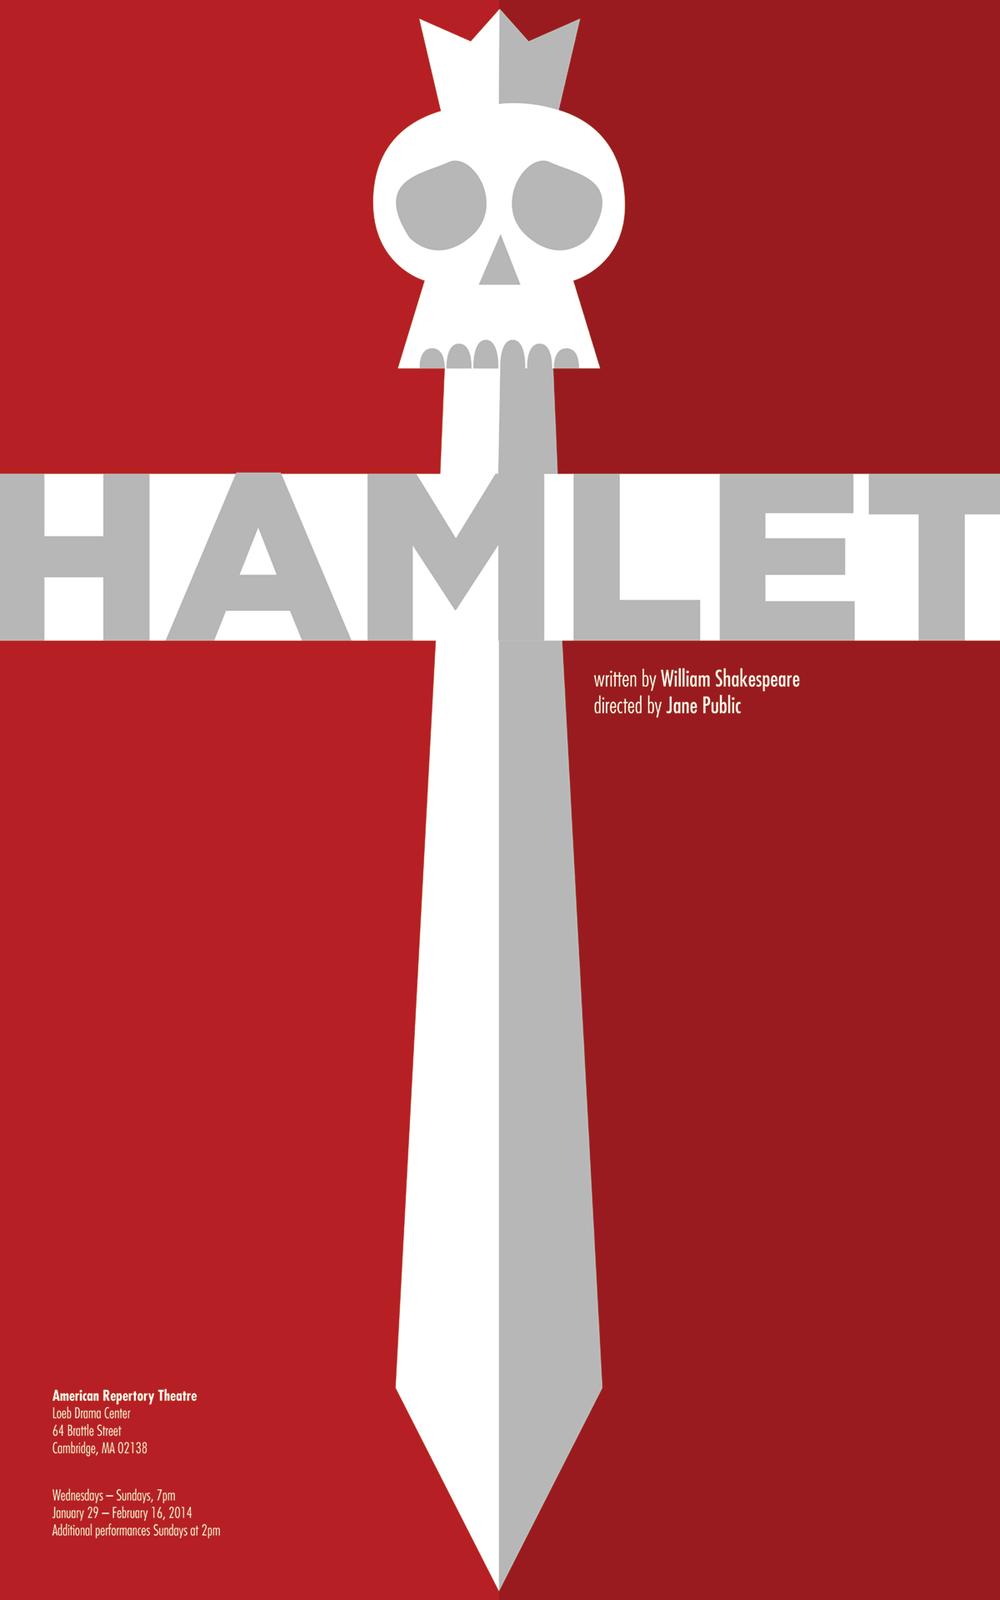 hamlet-02.png